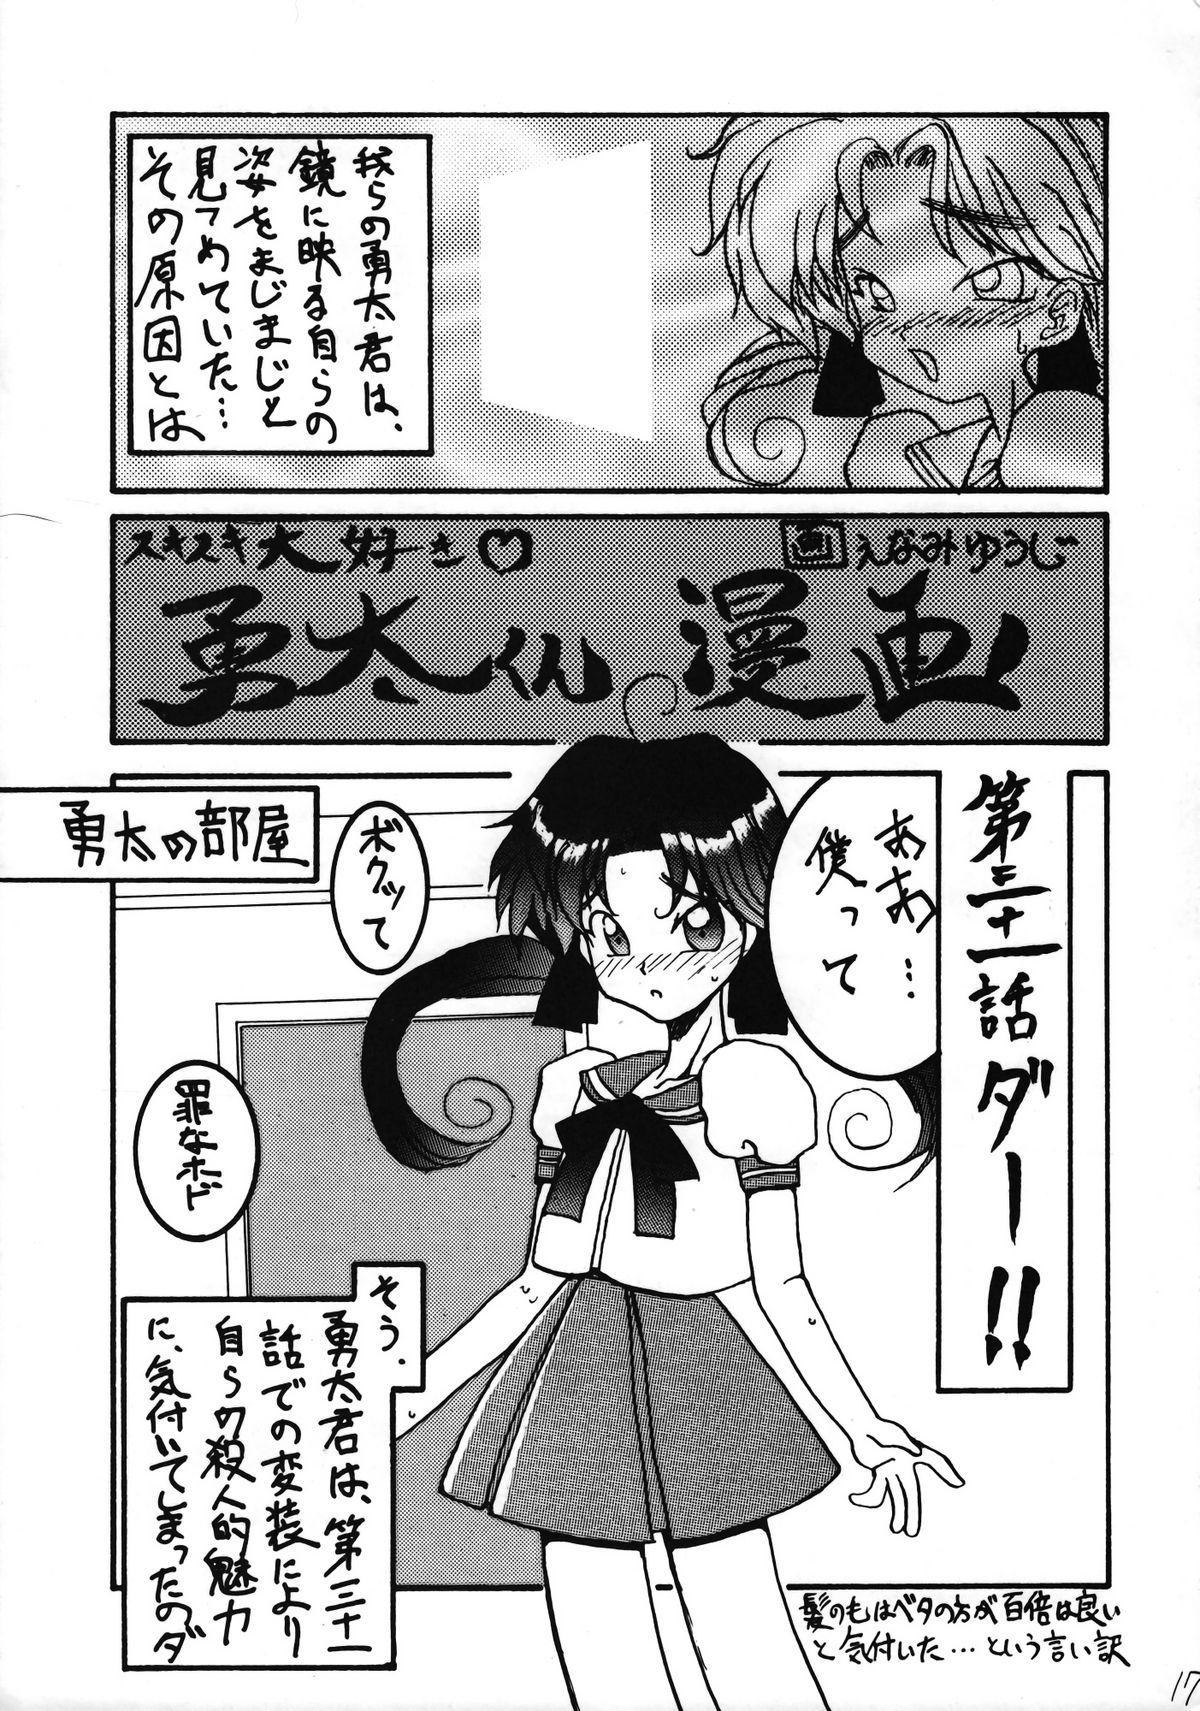 Ikenai! Otokonoko Hon Boy's H Book 2 17